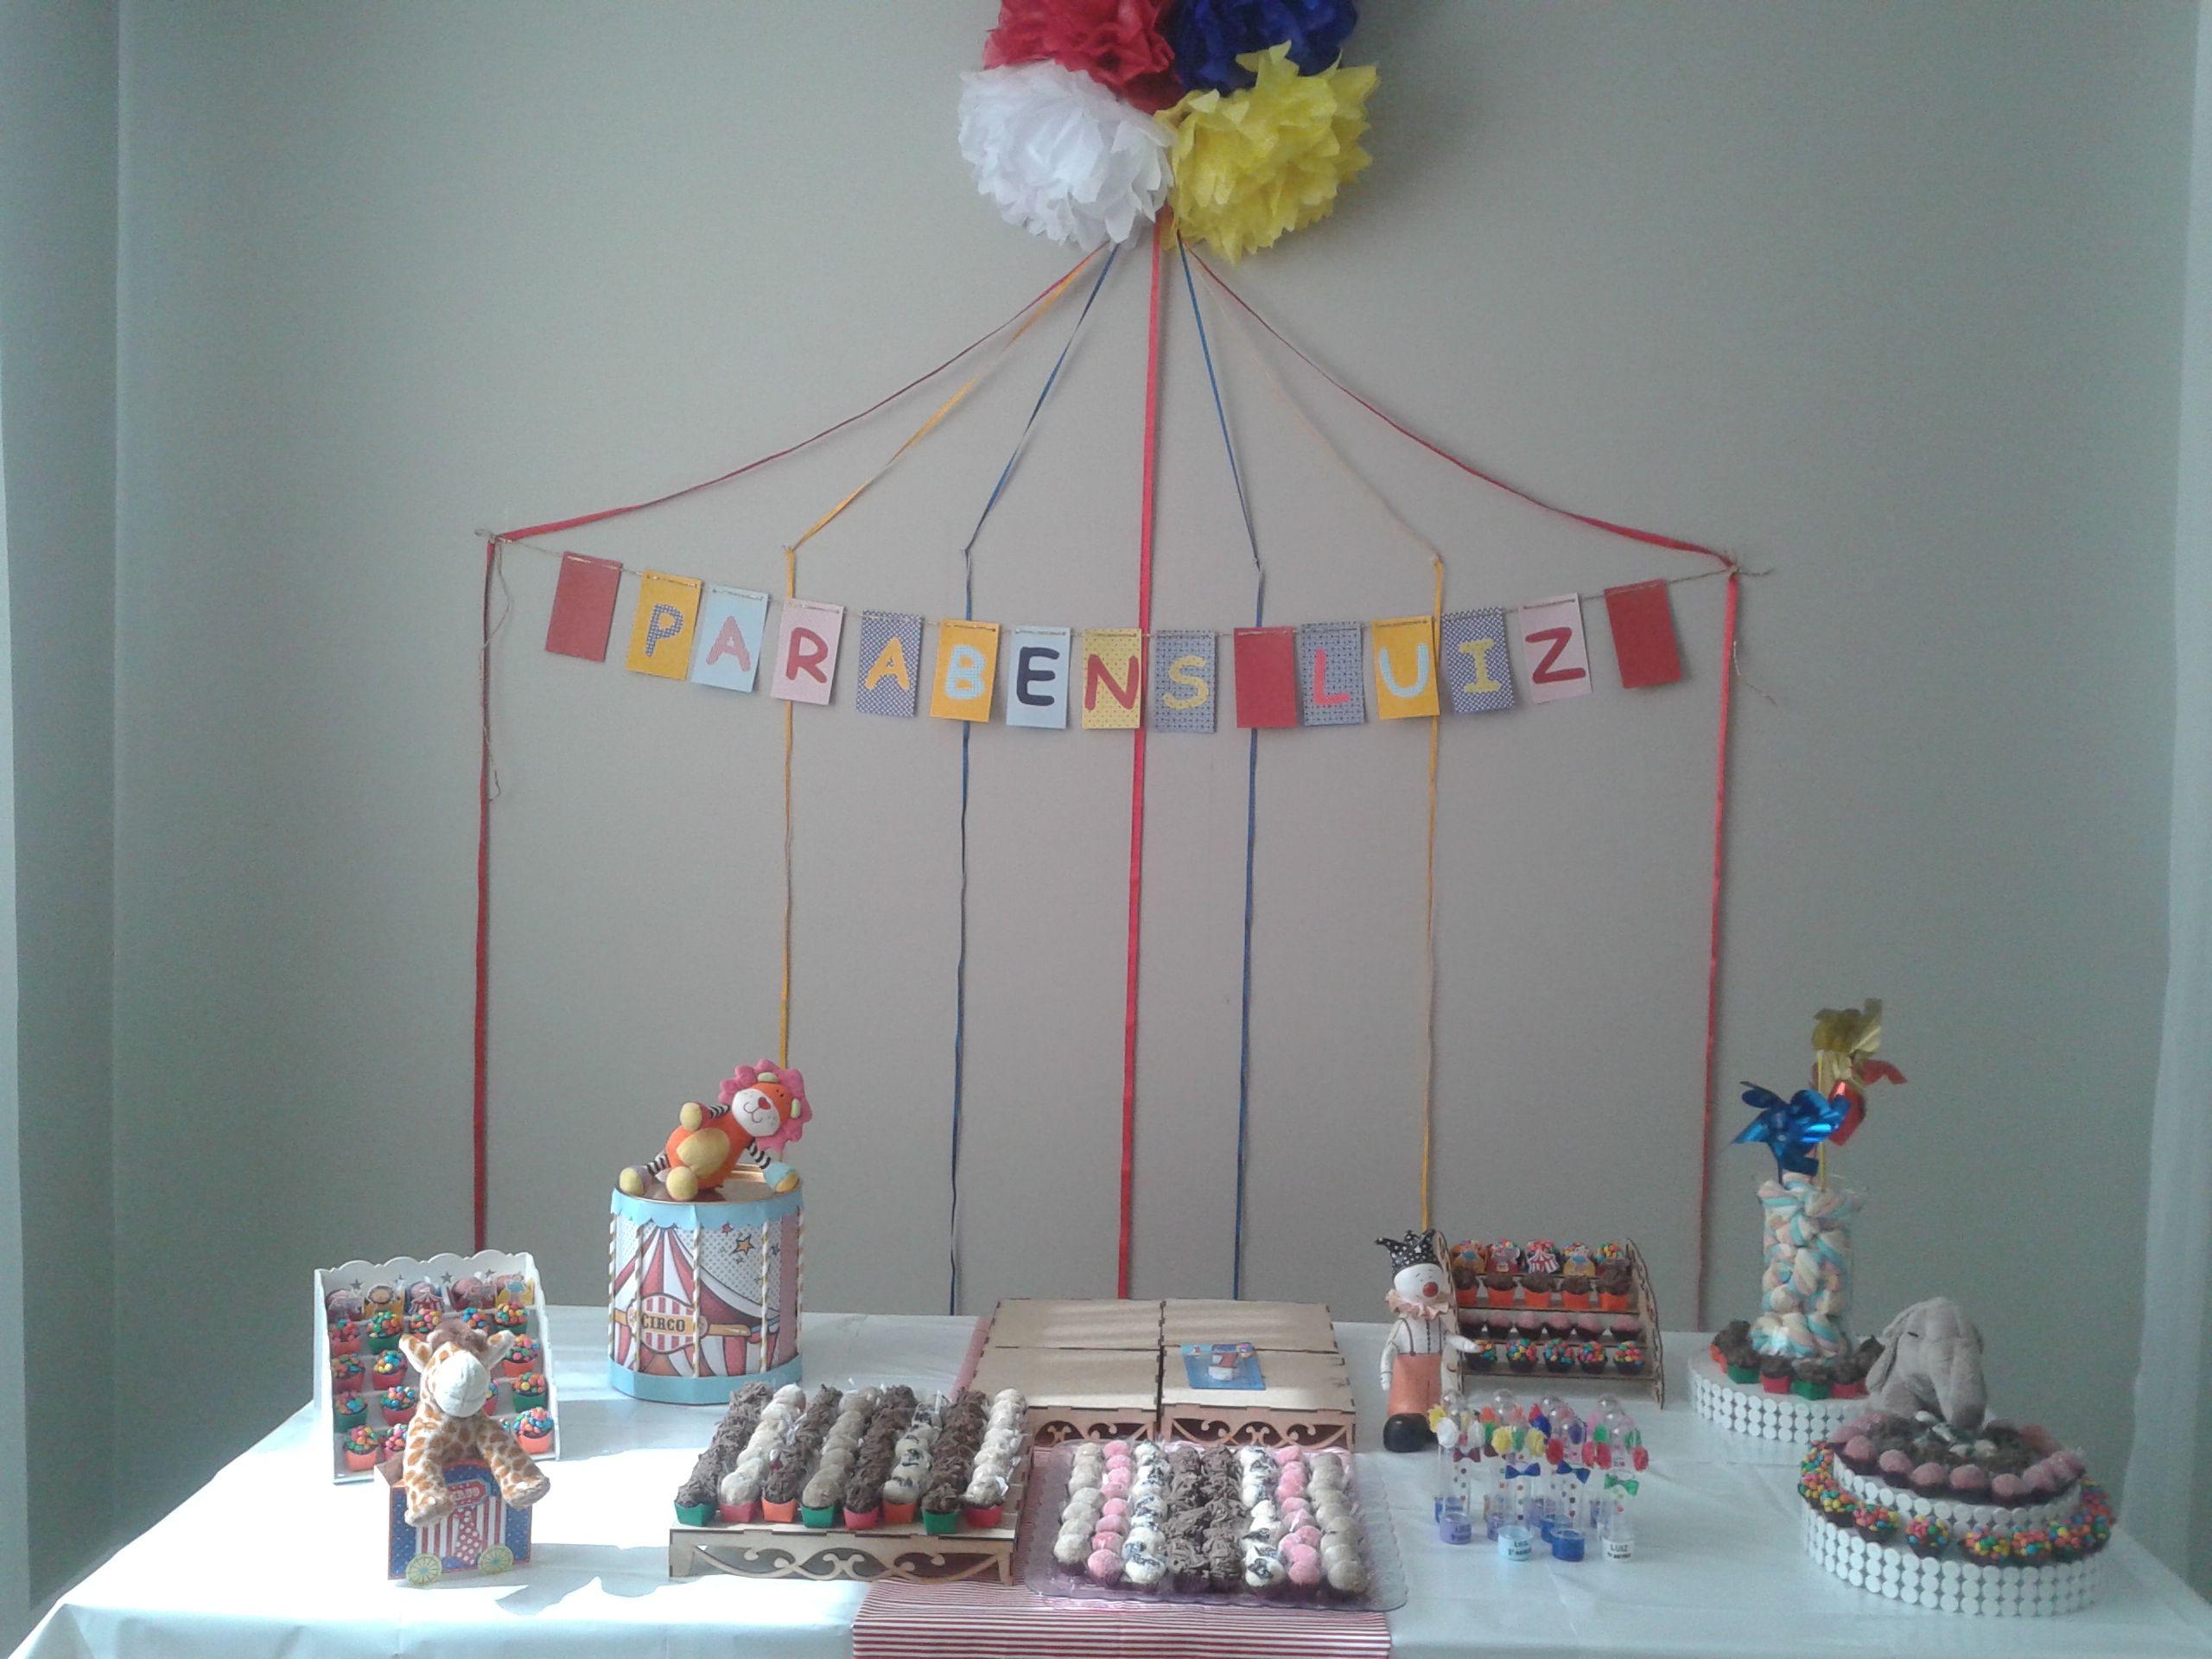 Festa de um ano do Luiz. Decoração realizada por Gloria C. Coelho, Luciana Campanille e Renata Sollero